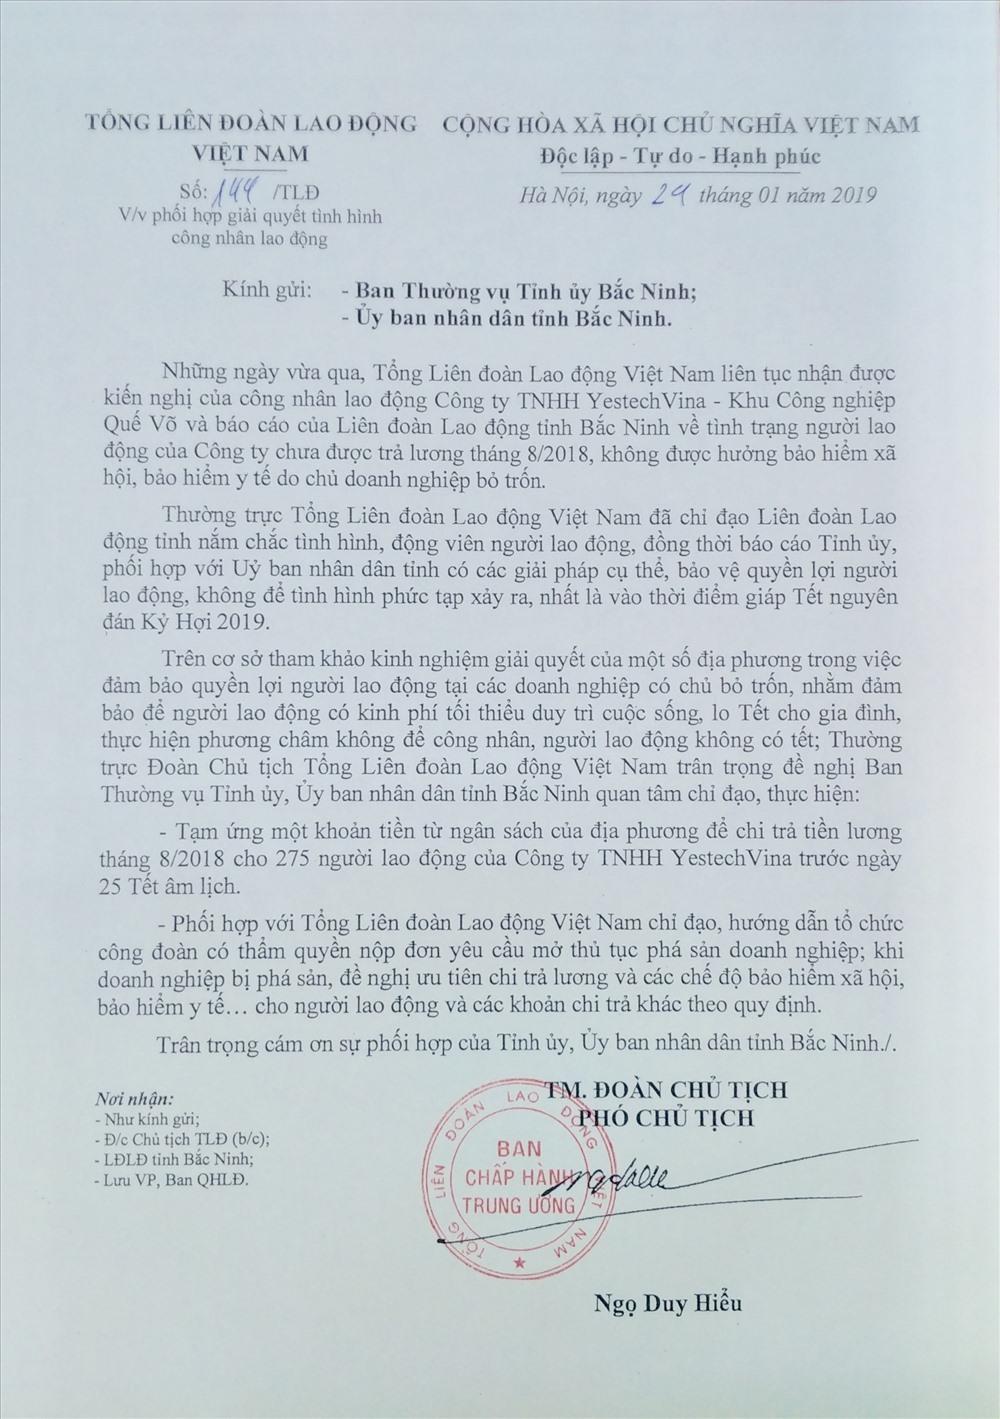 Văn bản của Đoàn Chủ tịch Tổng LĐLĐVN gửi lãnh đạo tỉnh Bắc Ninh để phối hợp bảo vệ quyền lợi NLĐ. Ảnh: B.C.Đ